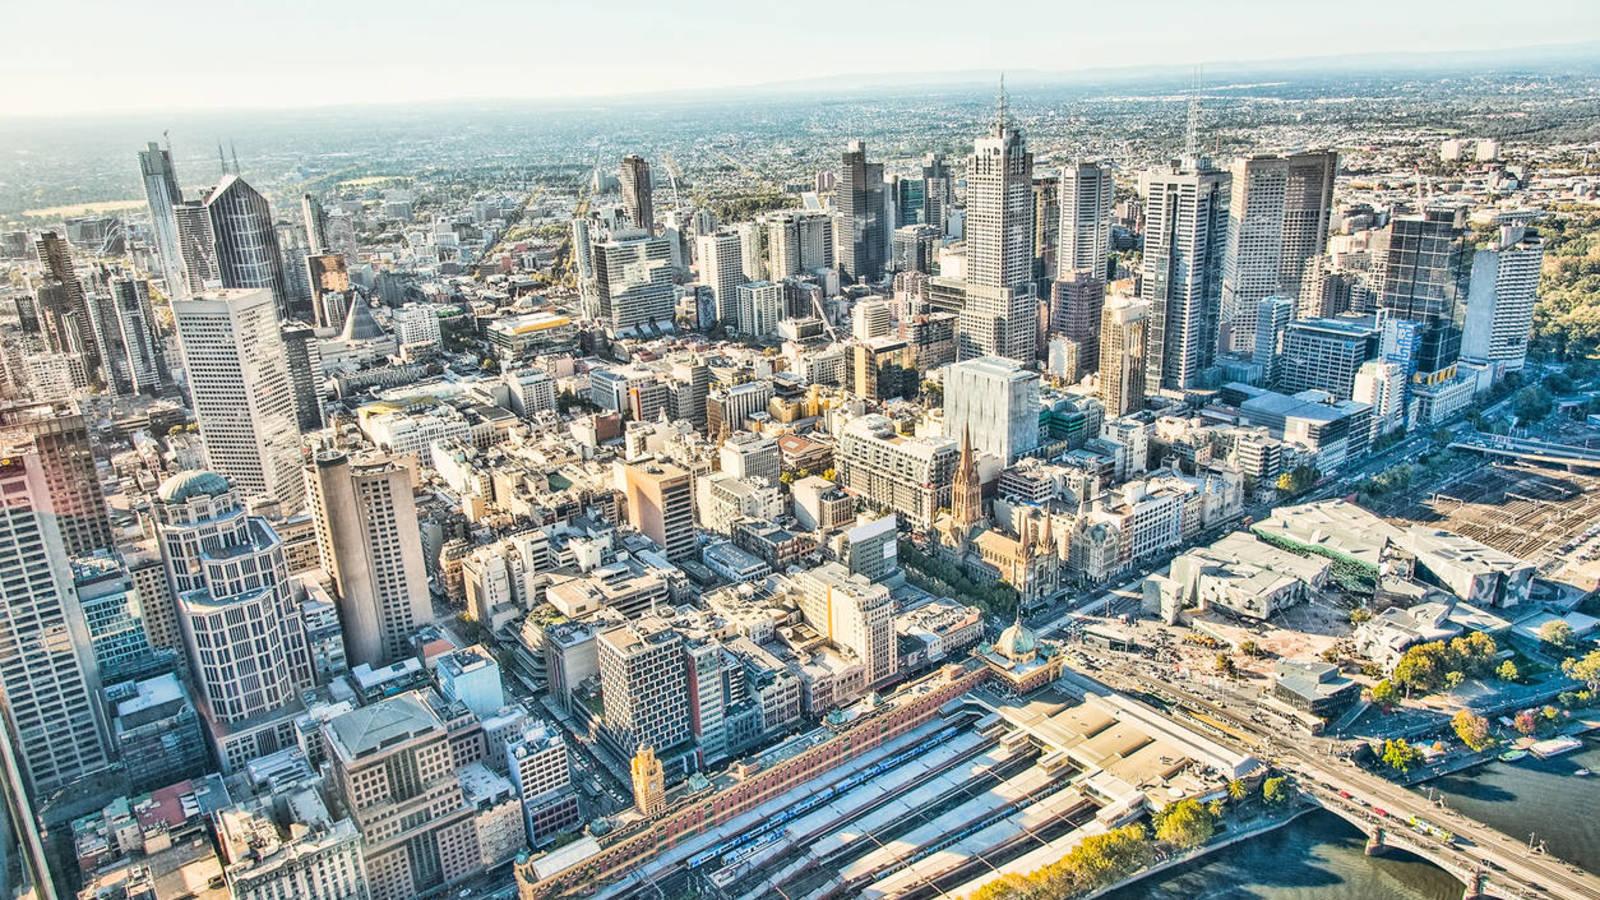 La ciudad burbuja: La ciudad de los 20 minutos